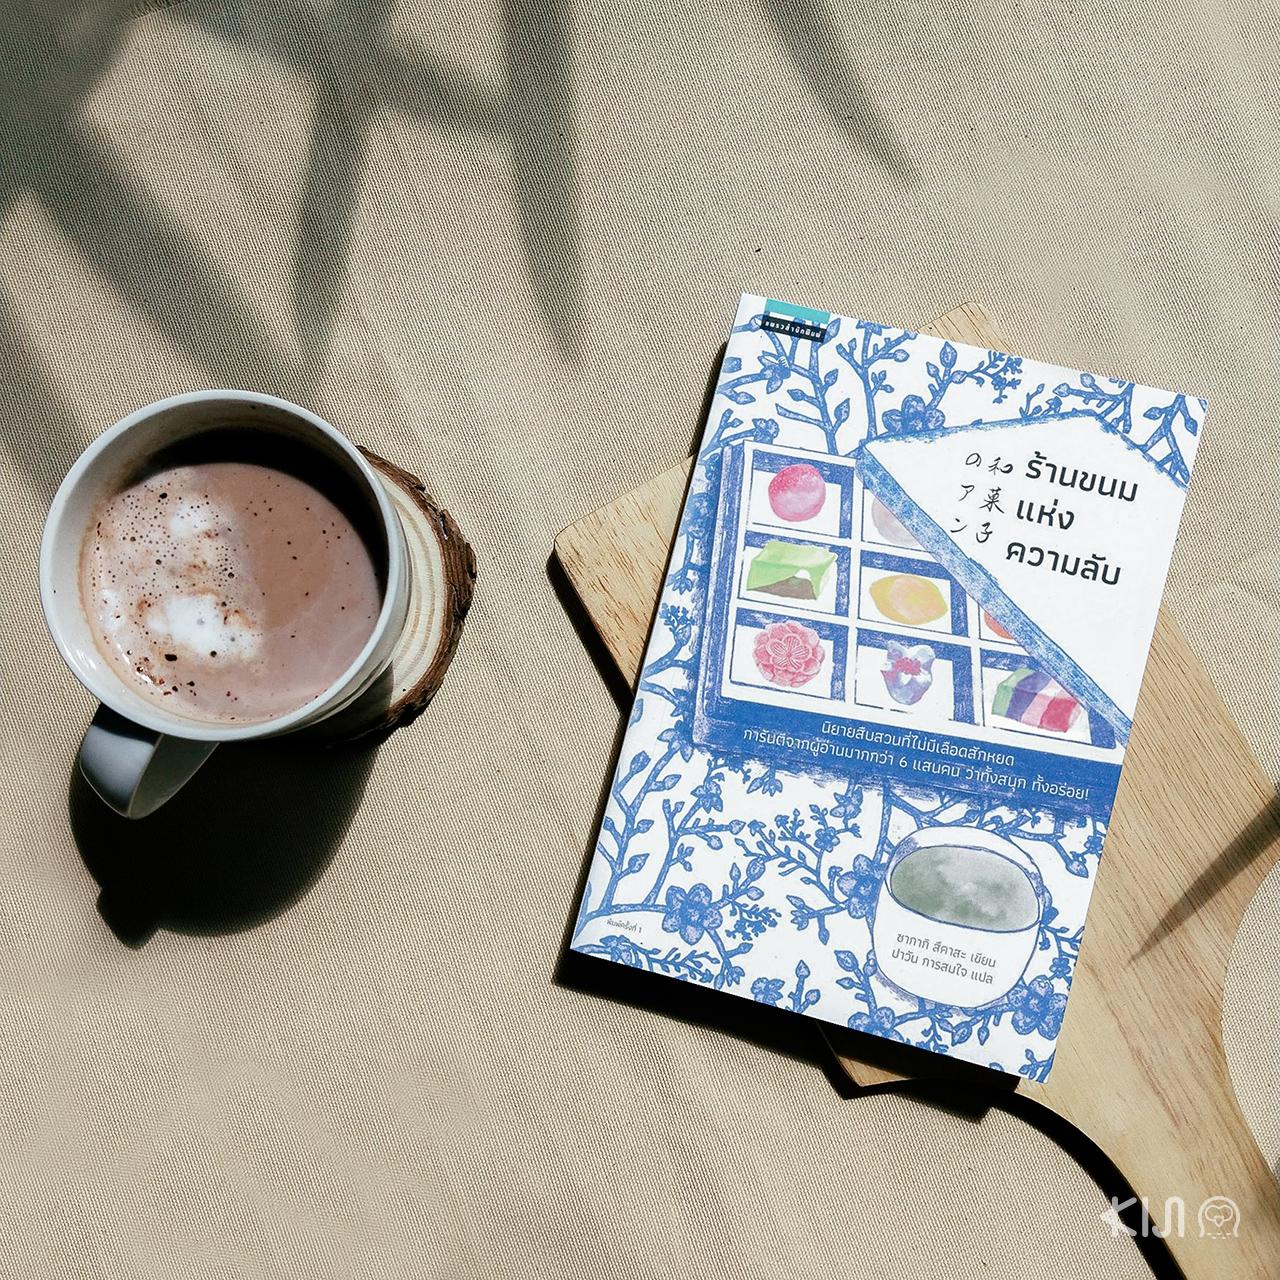 """""""ร้านขนมแห่งความลับ"""" หนังสือบอกเล่าเรื่องราวของวากาชิ"""